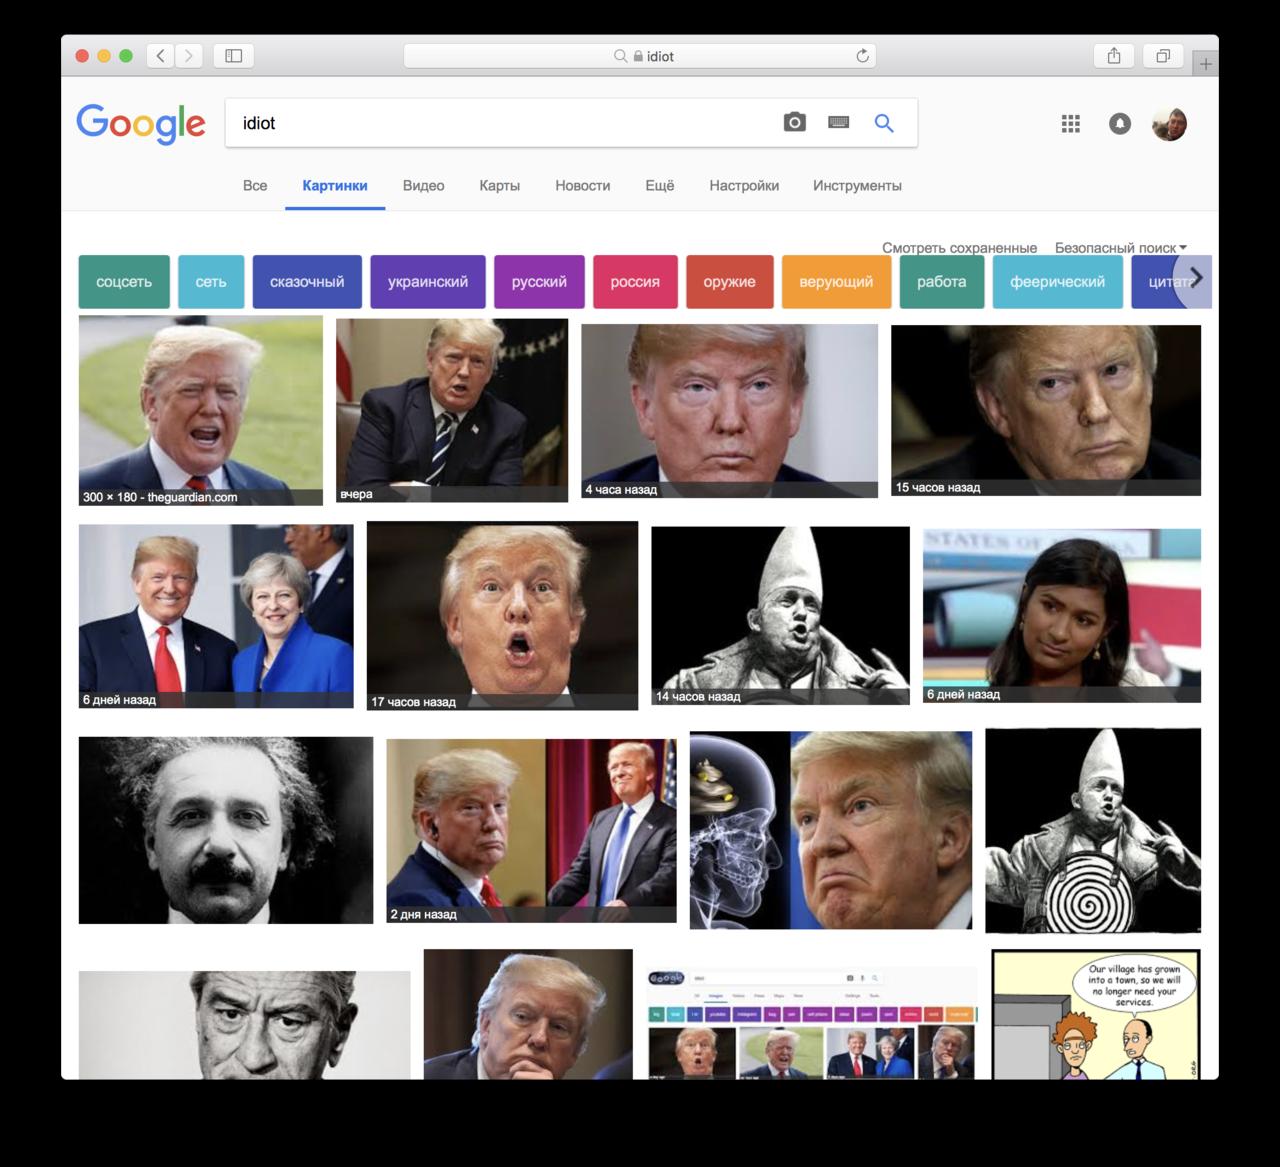 гугл выдает по запросу идиот трампа